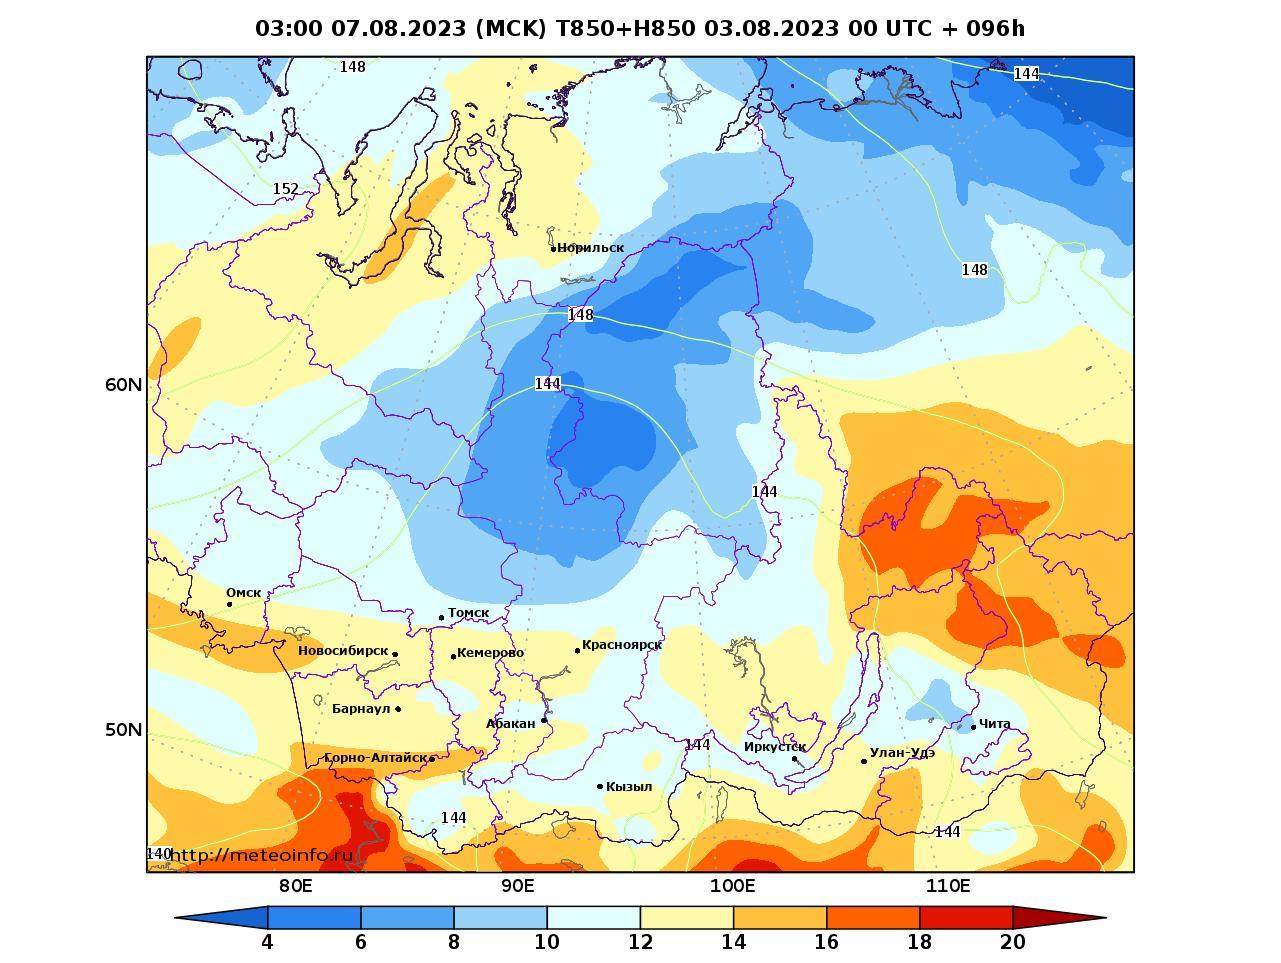 Сибирский Федеральный округ, прогностическая карта температура T850 и геопотенциал H850, заблаговременность прогноза 96 часов